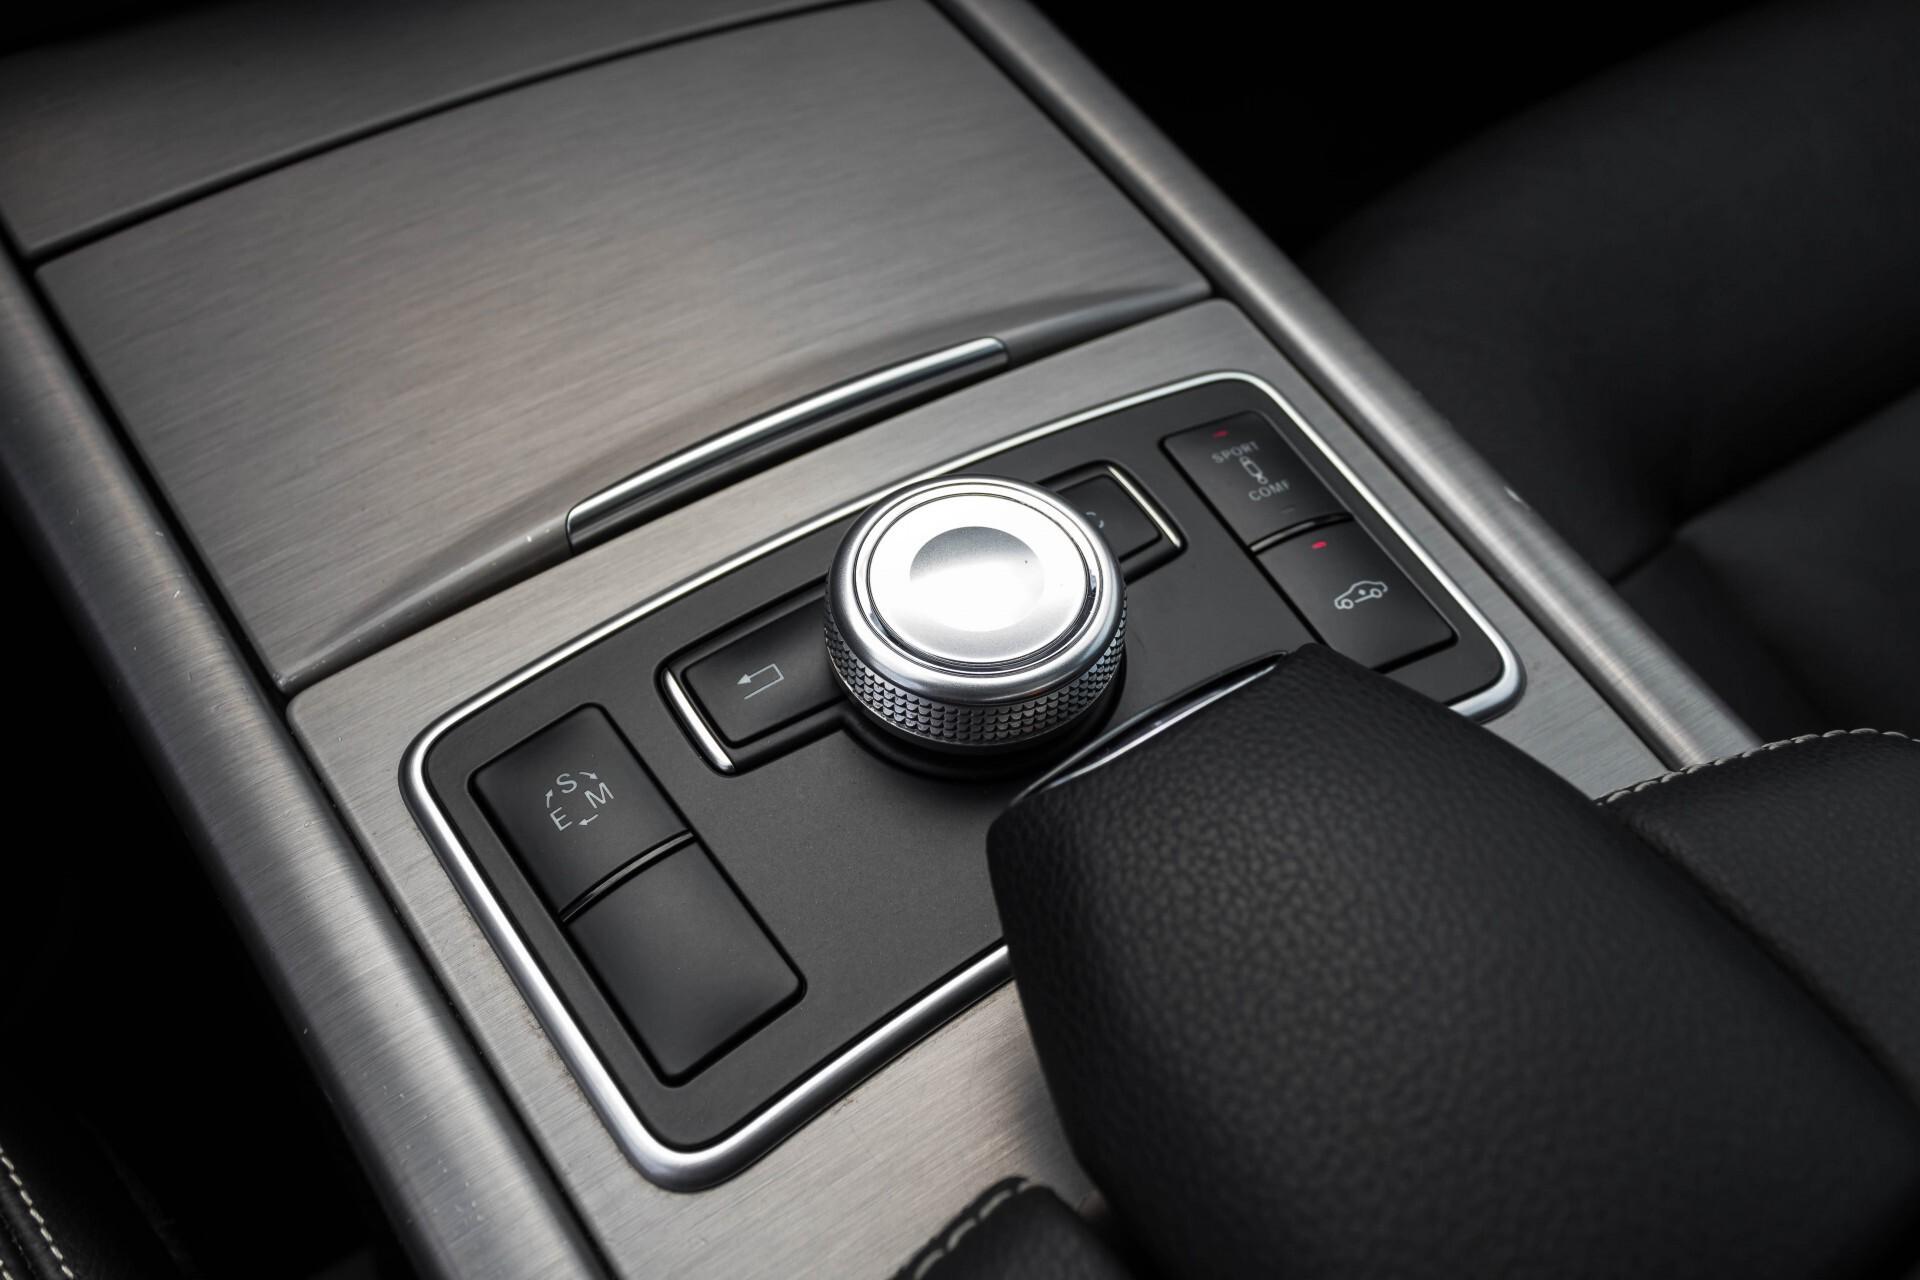 Mercedes-Benz E-Klasse Estate 350 Cdi AMG Luchtvering/Schuifdak/Comand/Harman Kardon/ILS Aut7 Foto 40